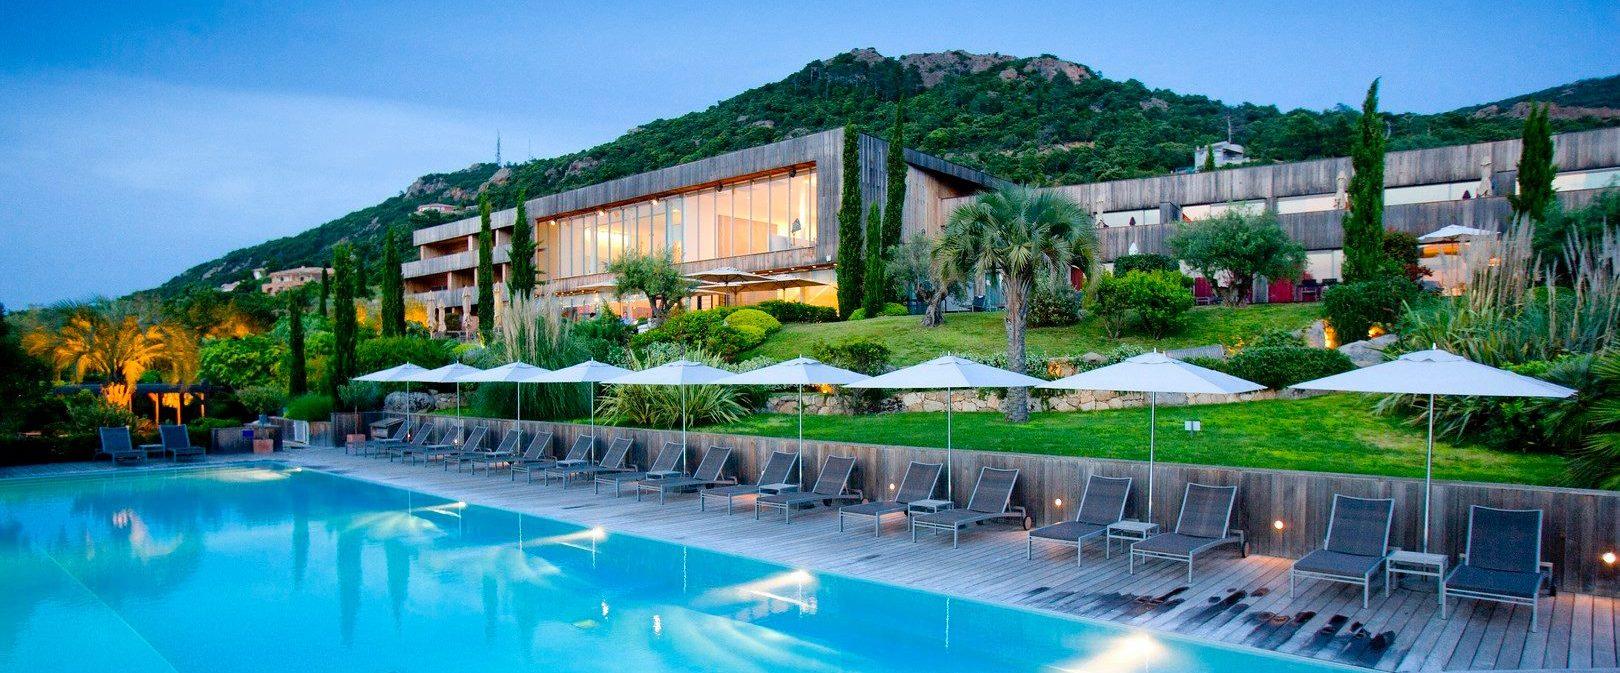 hotel-casadelmar-corsica-facade